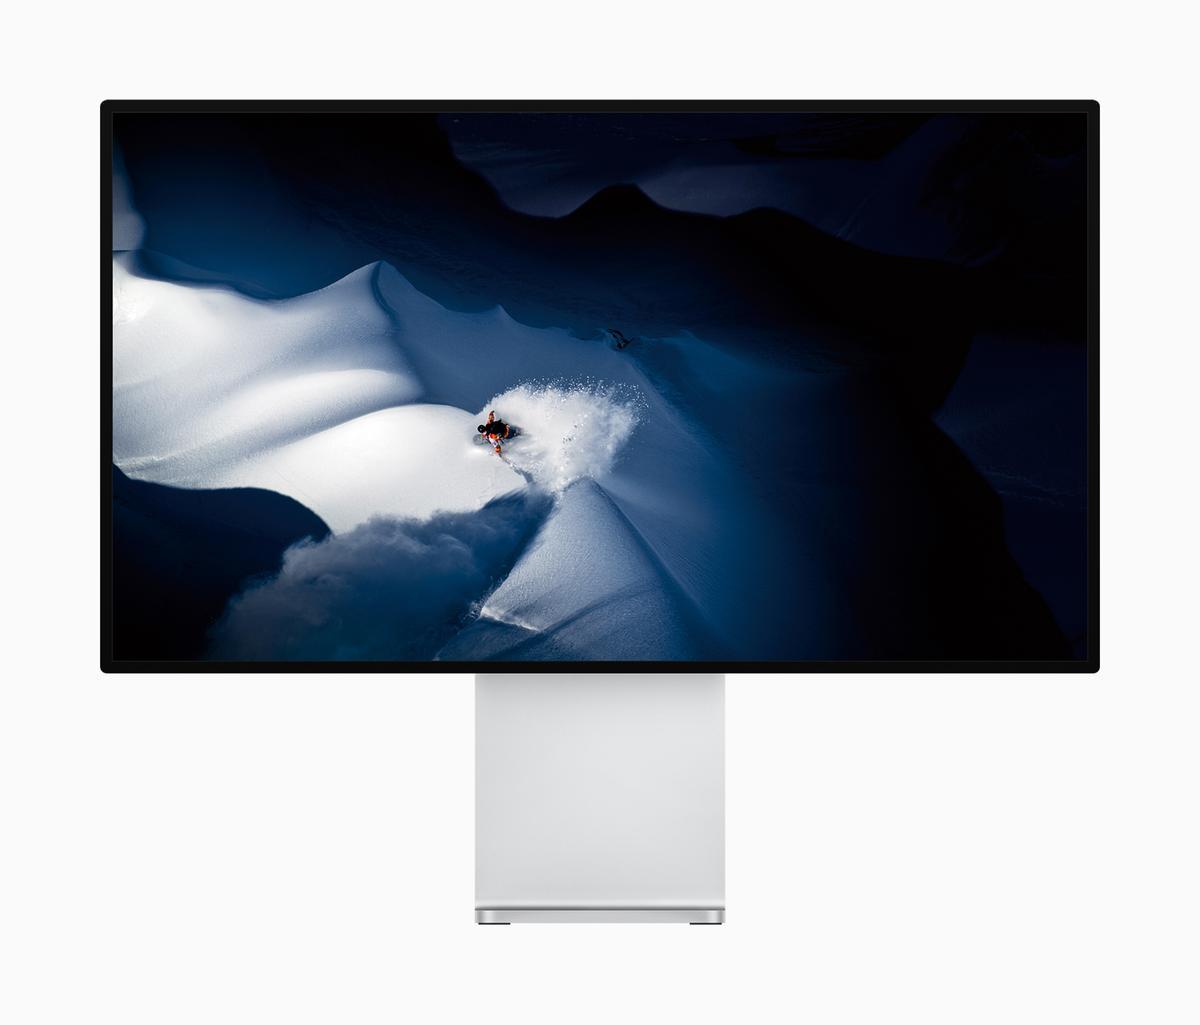 Aufregerthema: Pro Display XDR am iMac Pro nur mit 5K-Auflösung